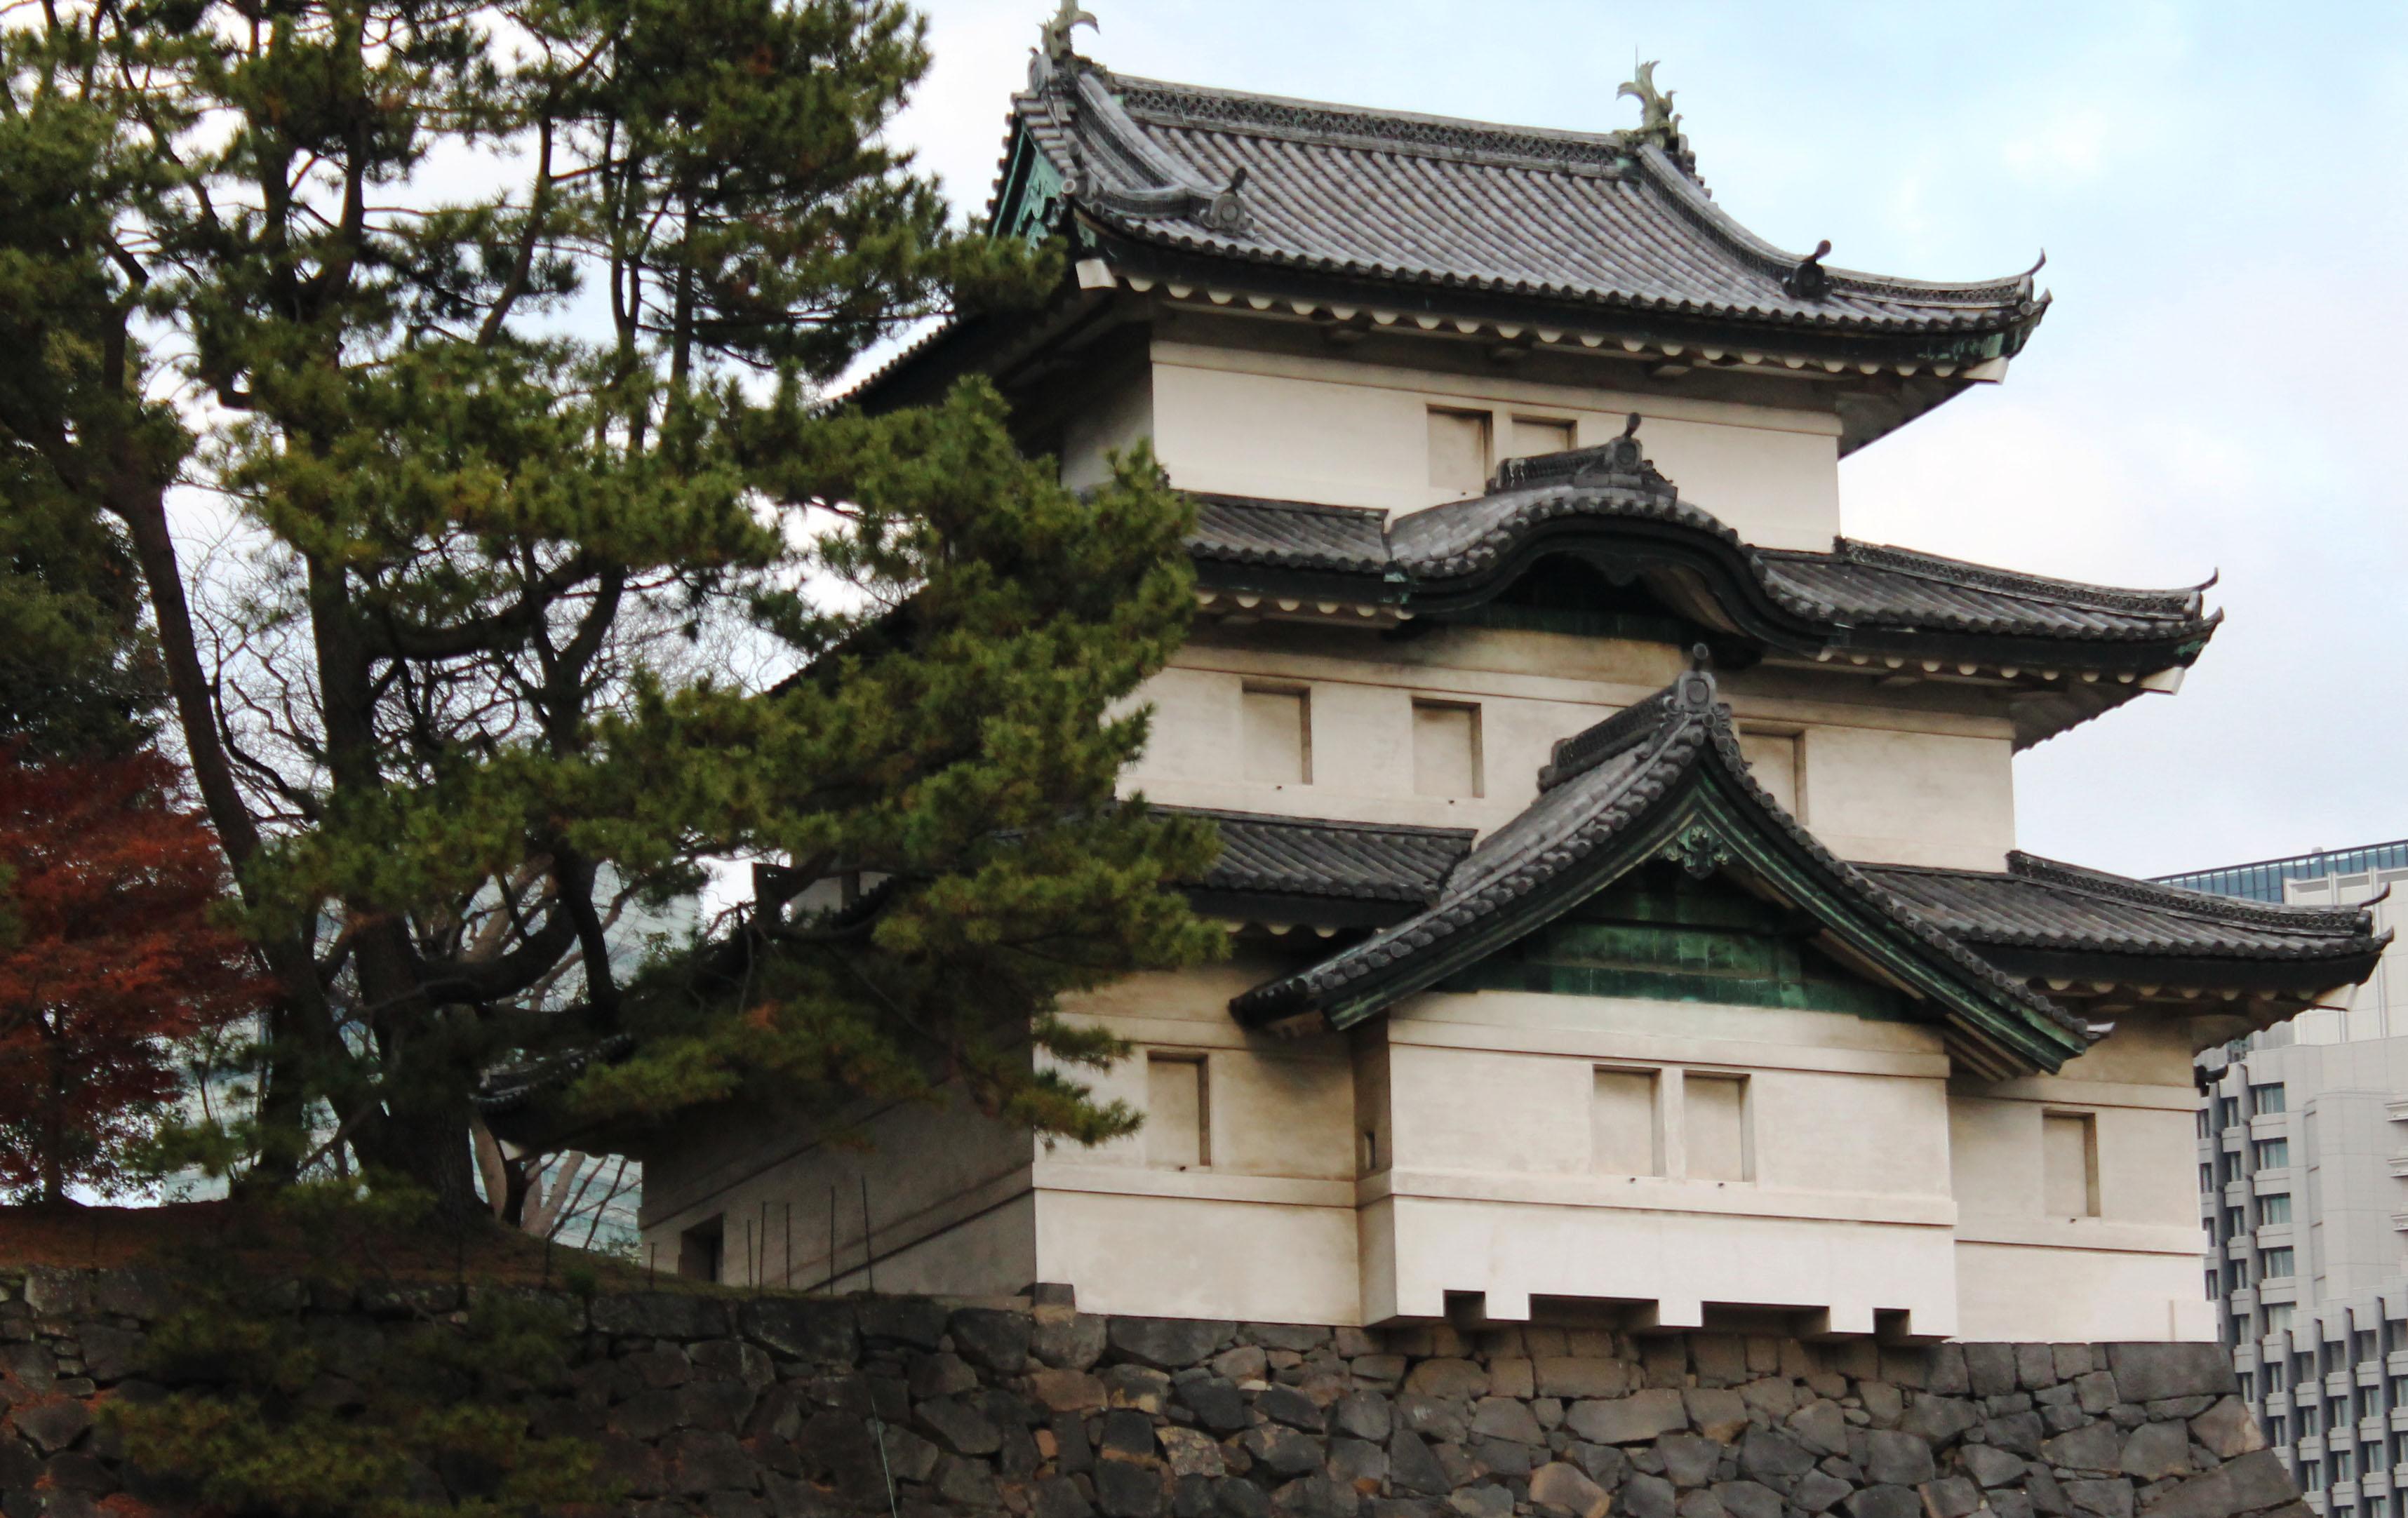 Viaggio in giappone senza glutine a tokyo fra sushi e t for Case giapponesi antiche